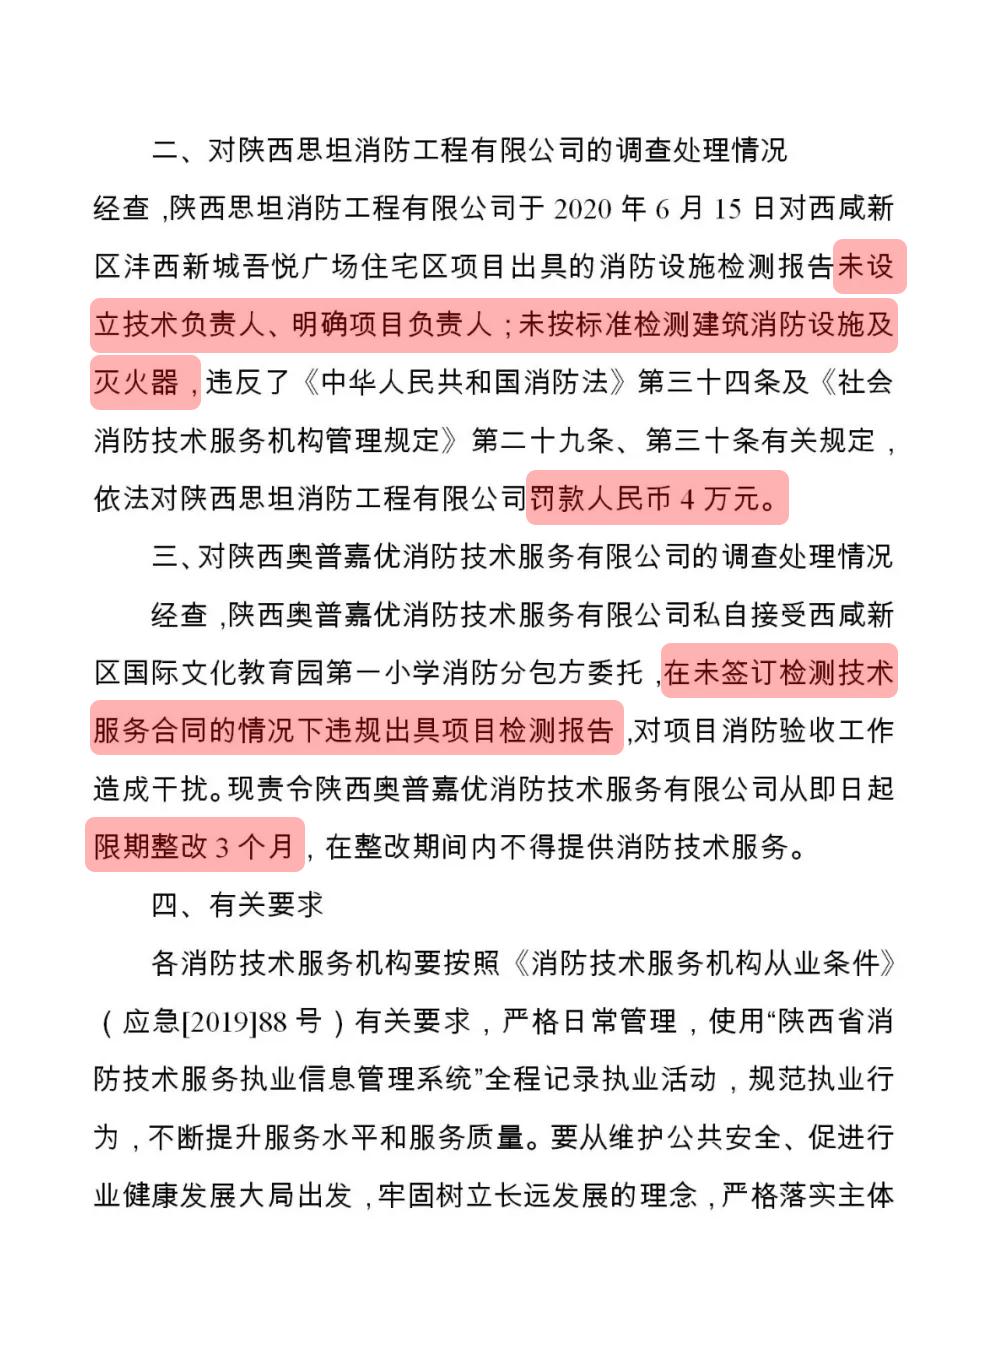 陕西省消防救援总队关于对西安海通等3家消防技术服务机构处理情况的通报